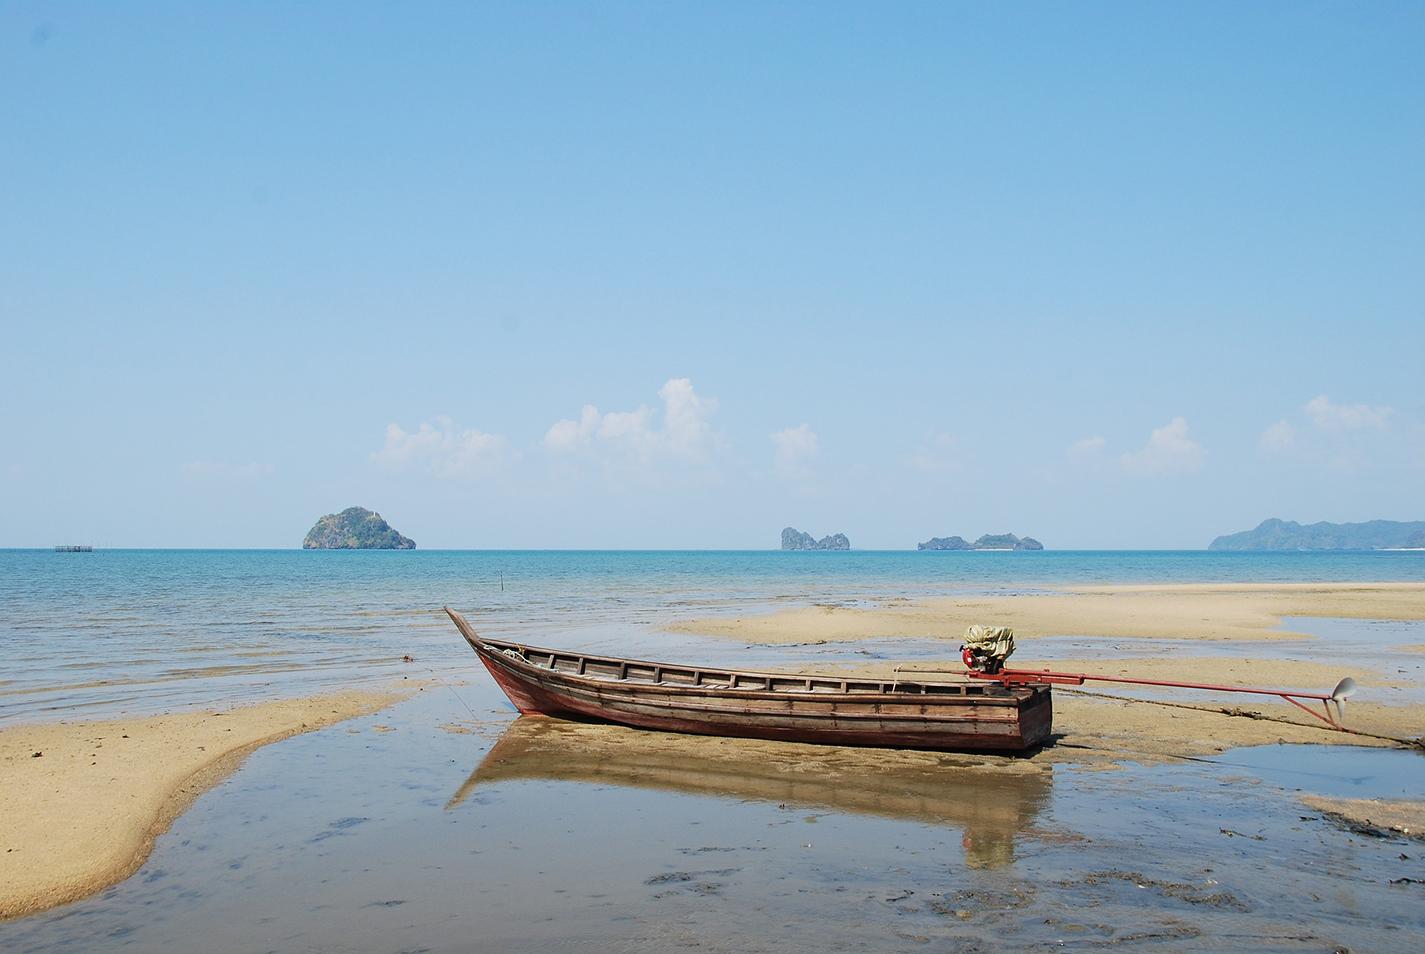 Sailndream : location de voiliers en Malaisie, location de bateaux en Malaisie, croisières cabine